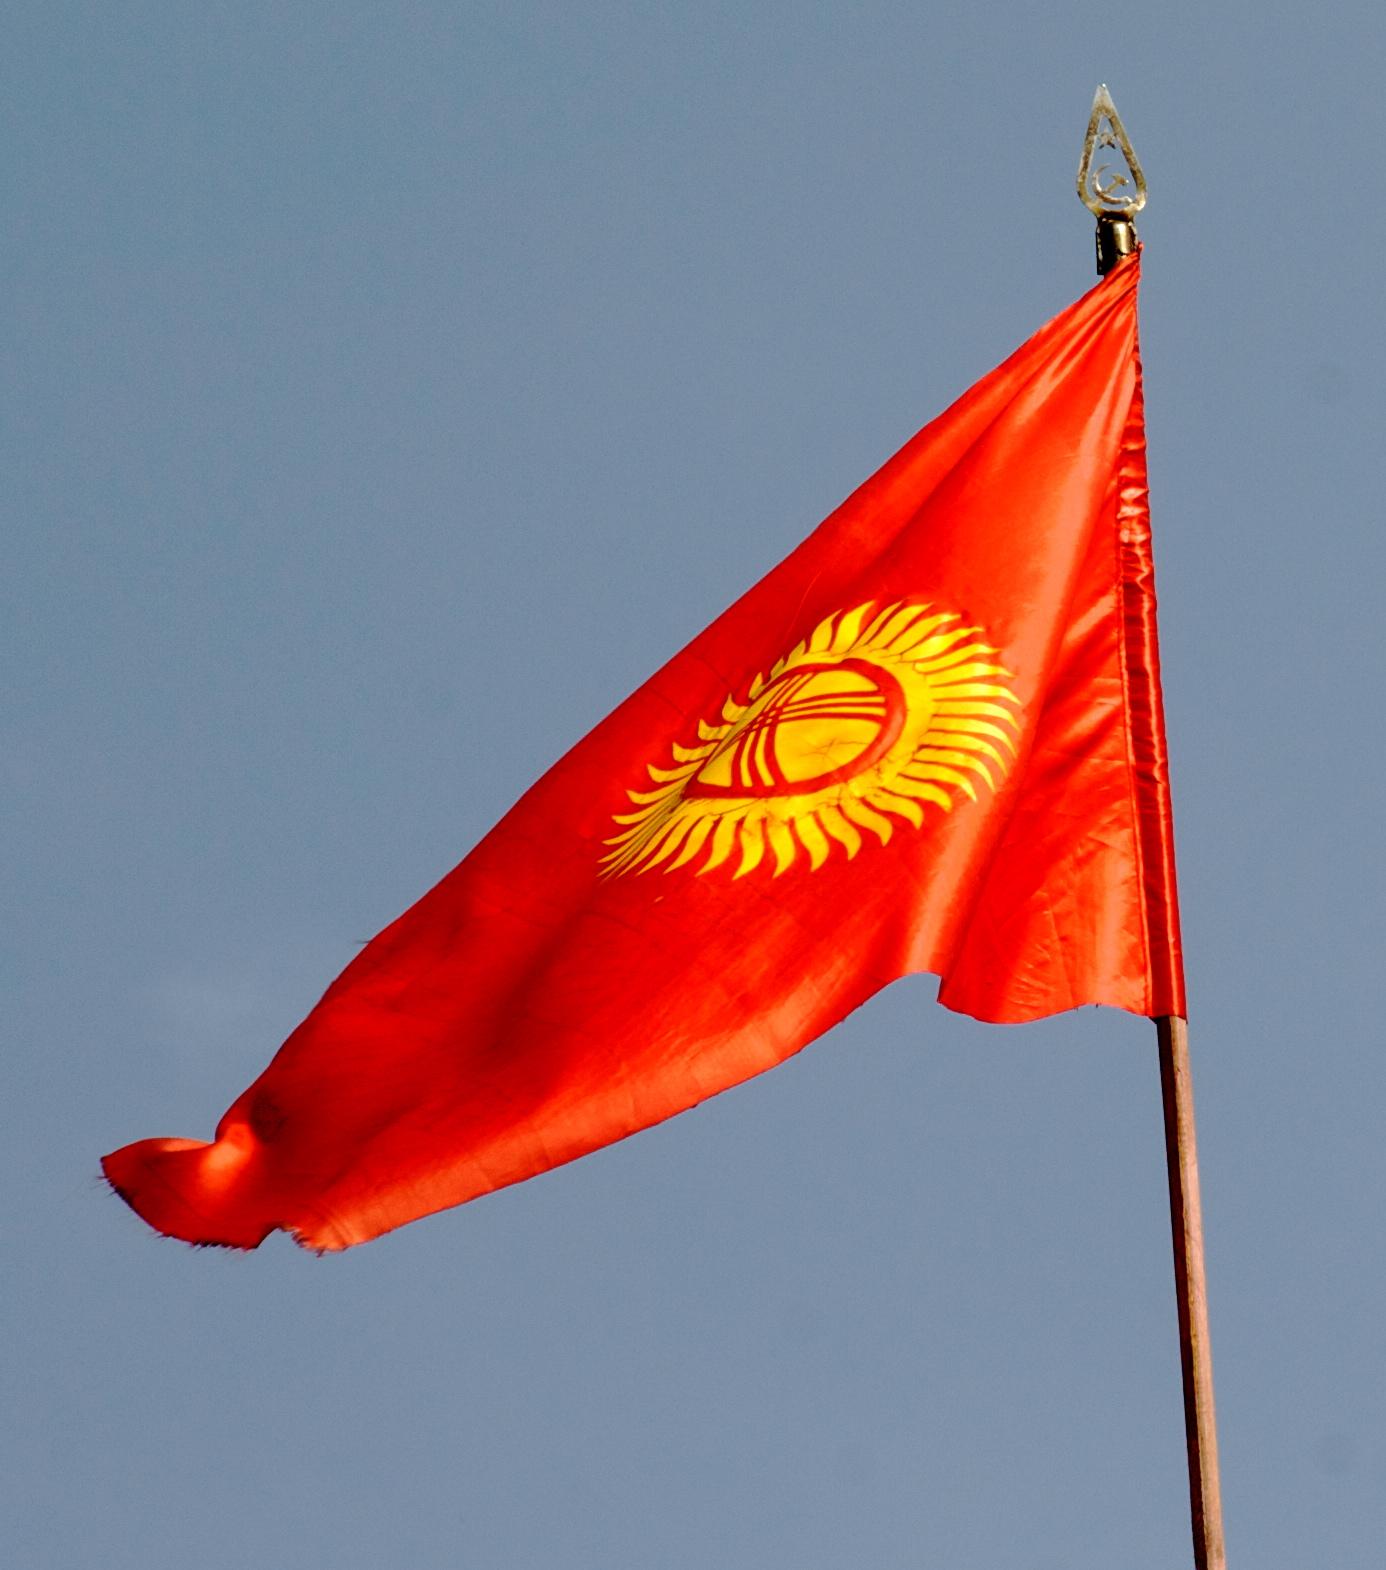 флаг киргизии фото картинки авторские рецепты низкокалорийных